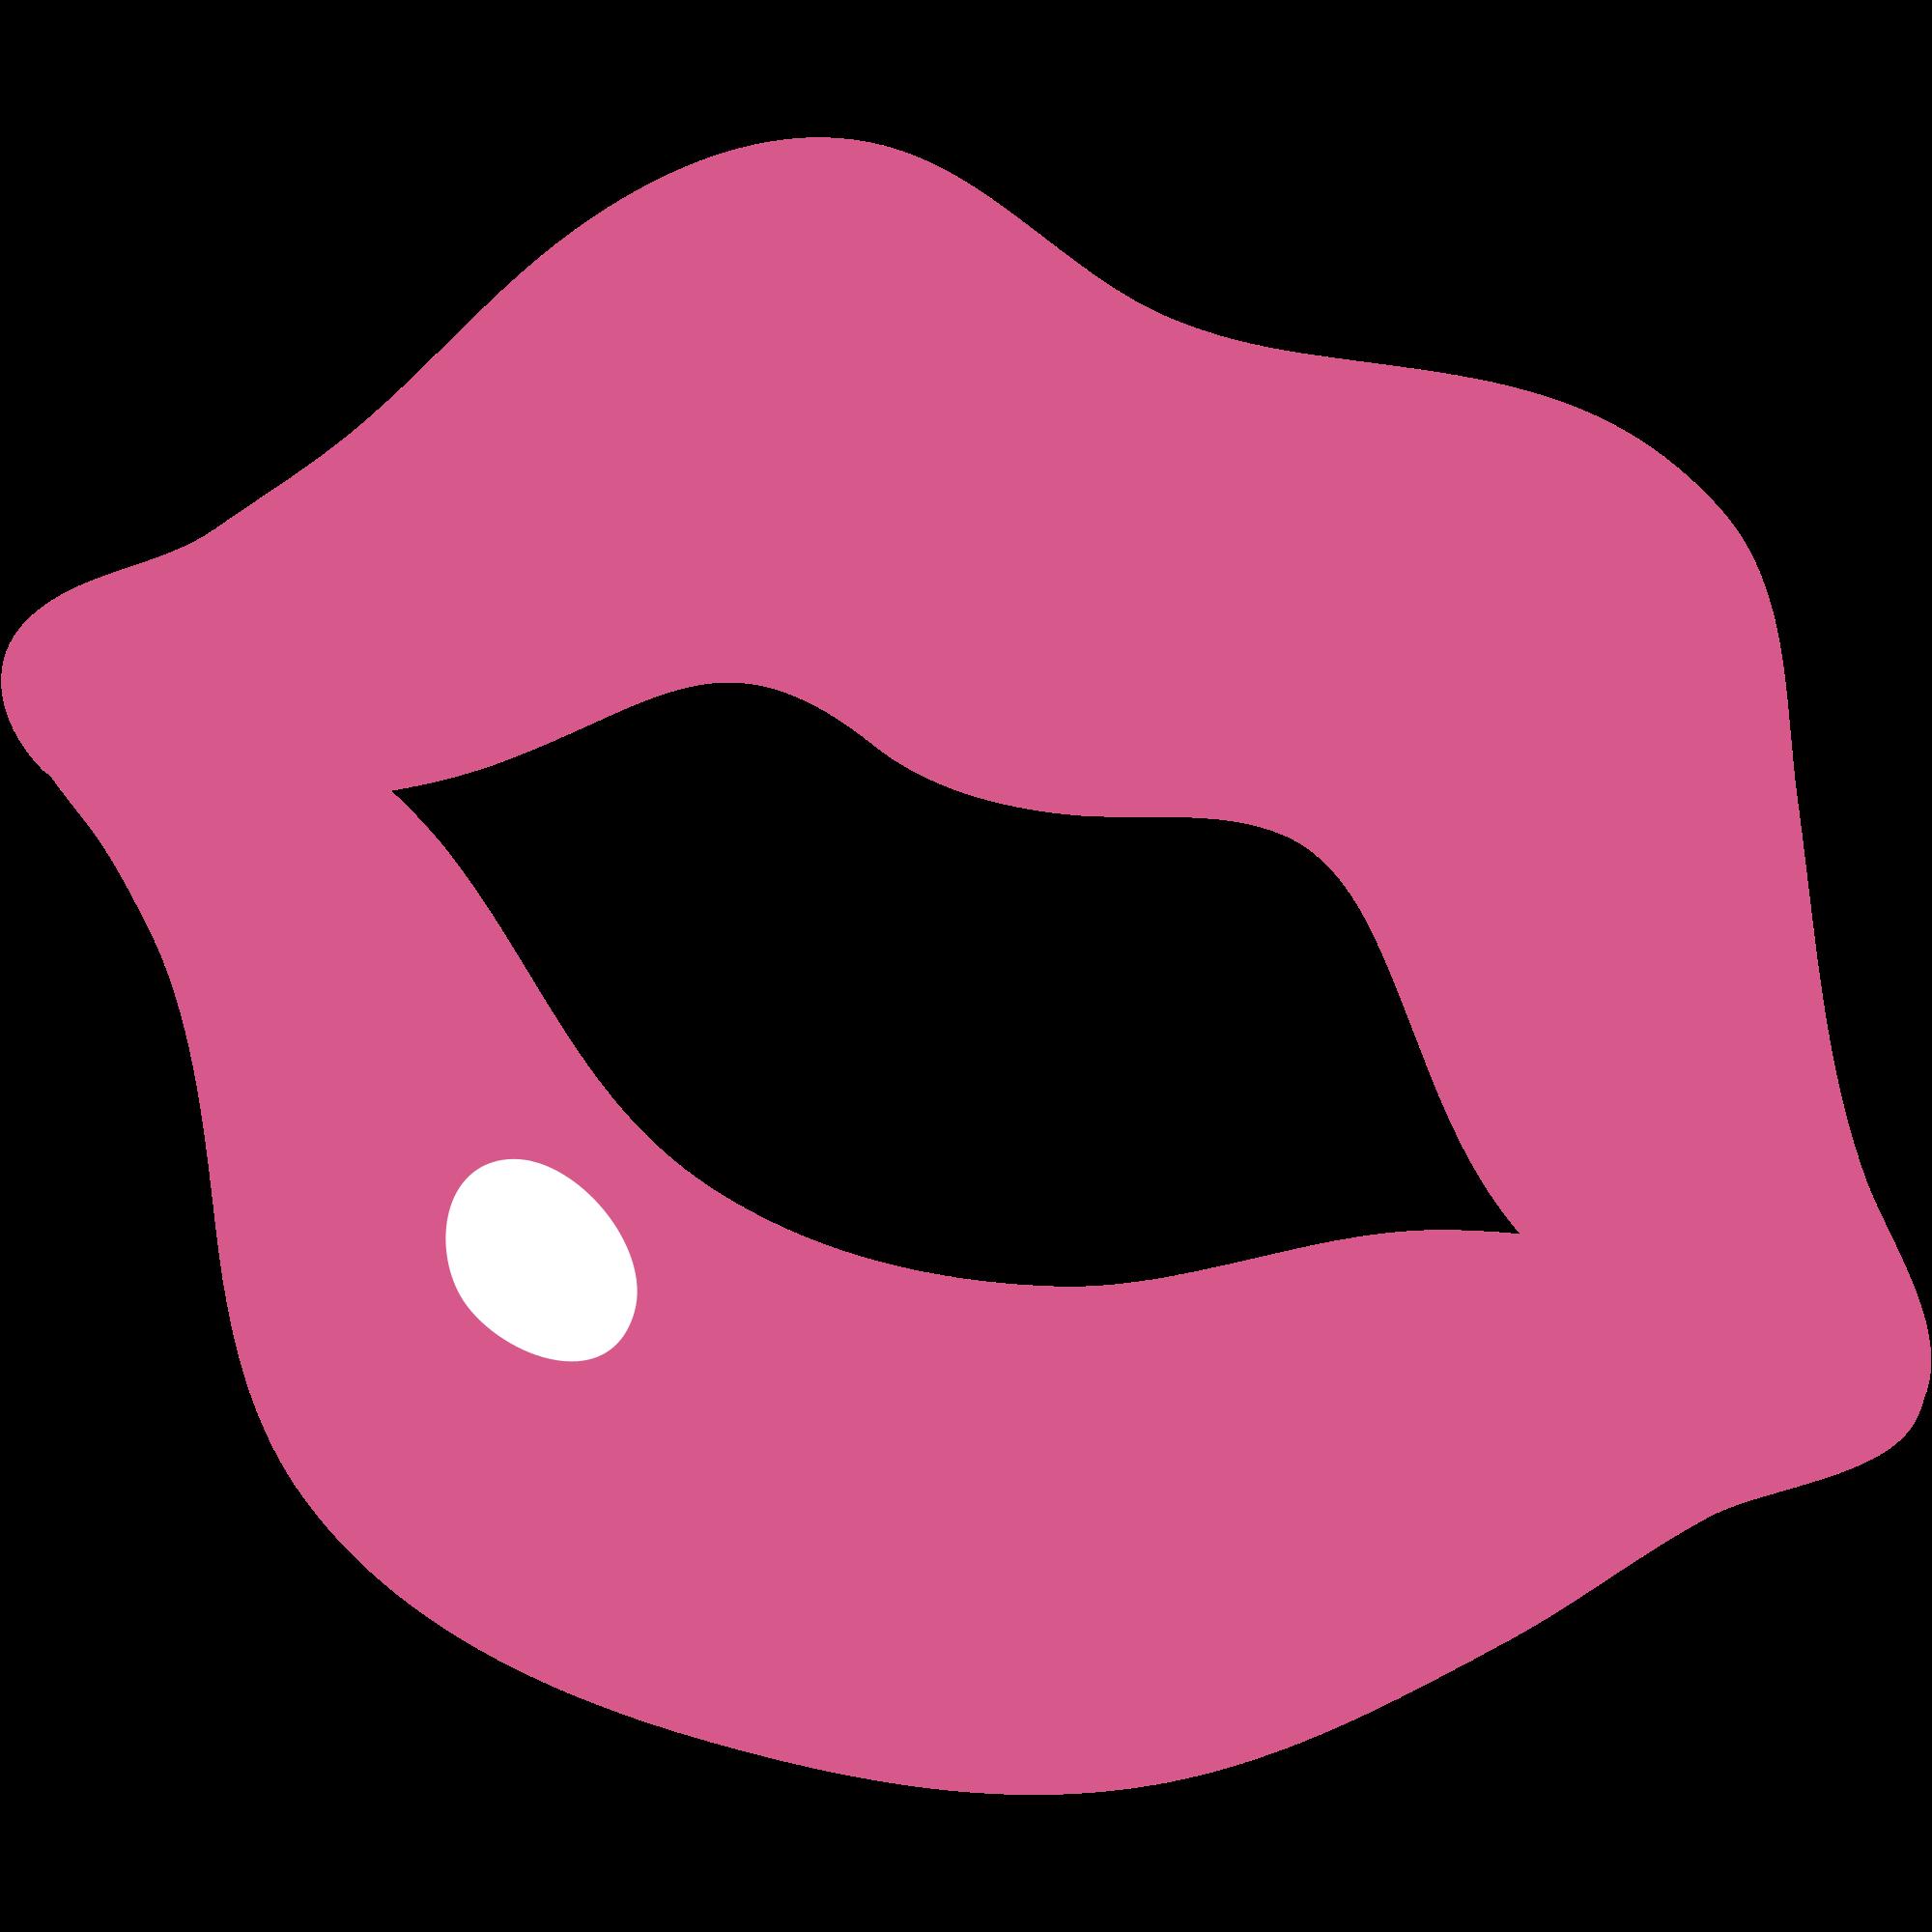 Emoticone Bisou Rose Png Transparents Stickpng